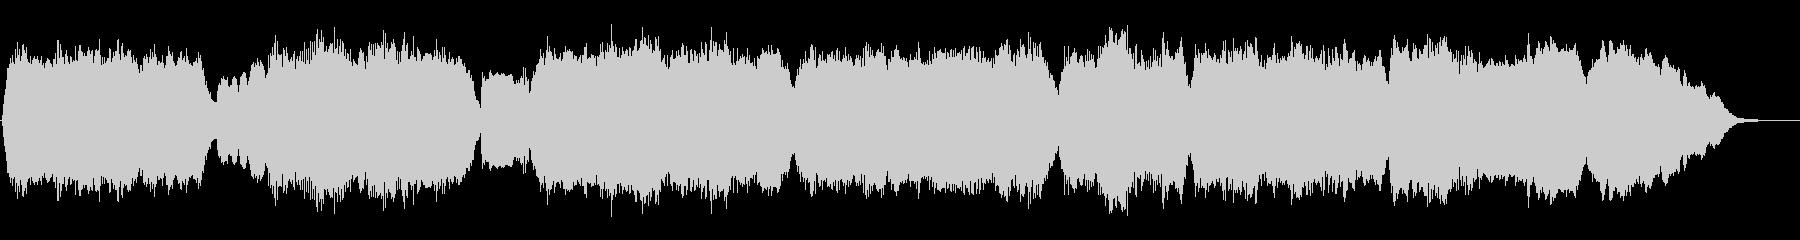 アルプスホルンによる山頂をイメージした曲の未再生の波形